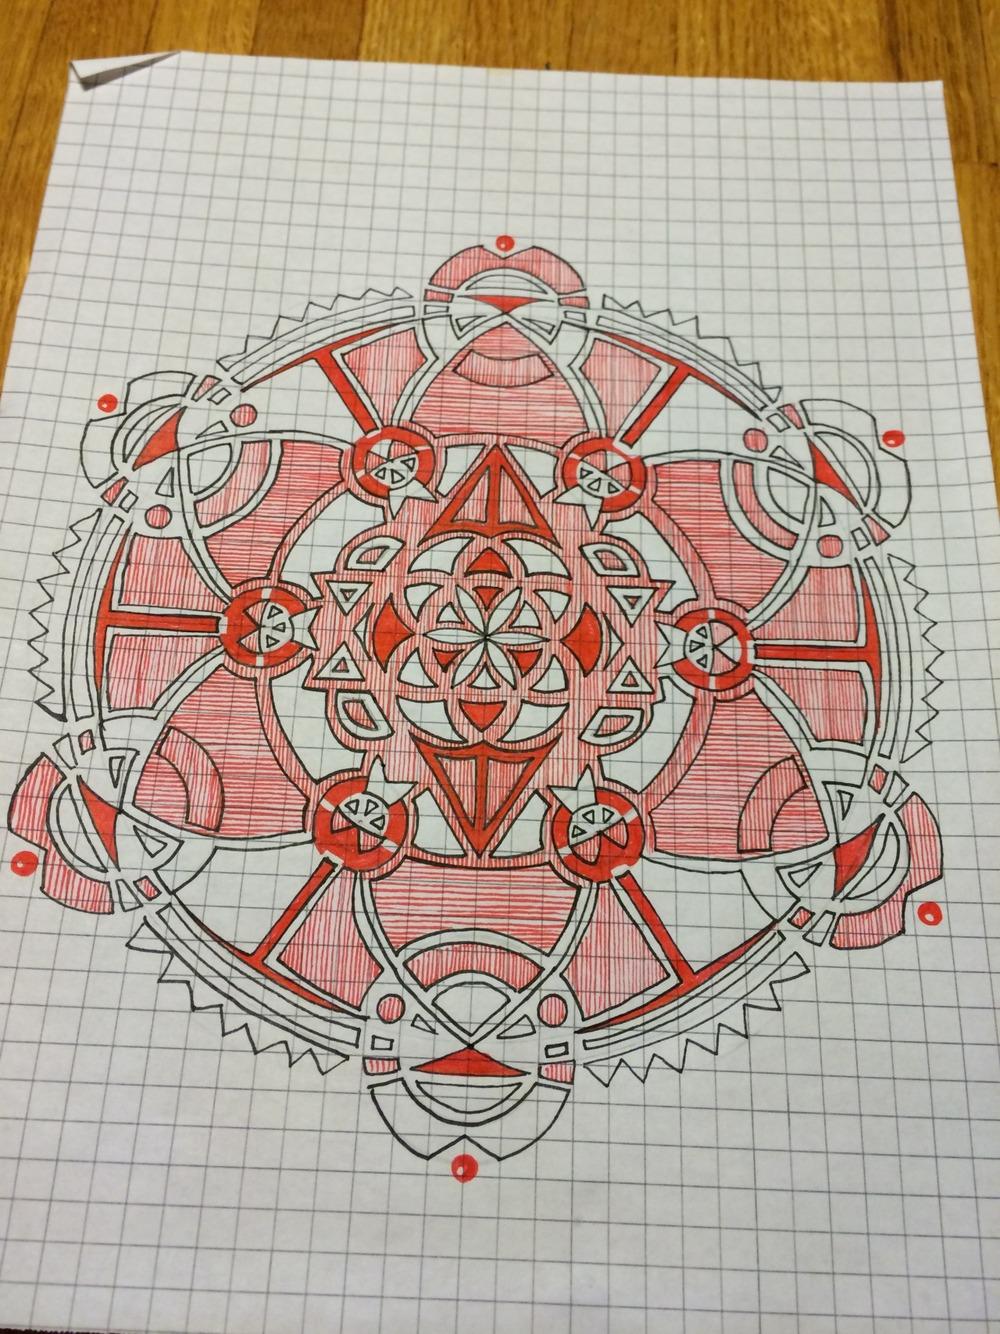 tumblr_mwhz6wdAJB1t2uml6o10_1280.jpg